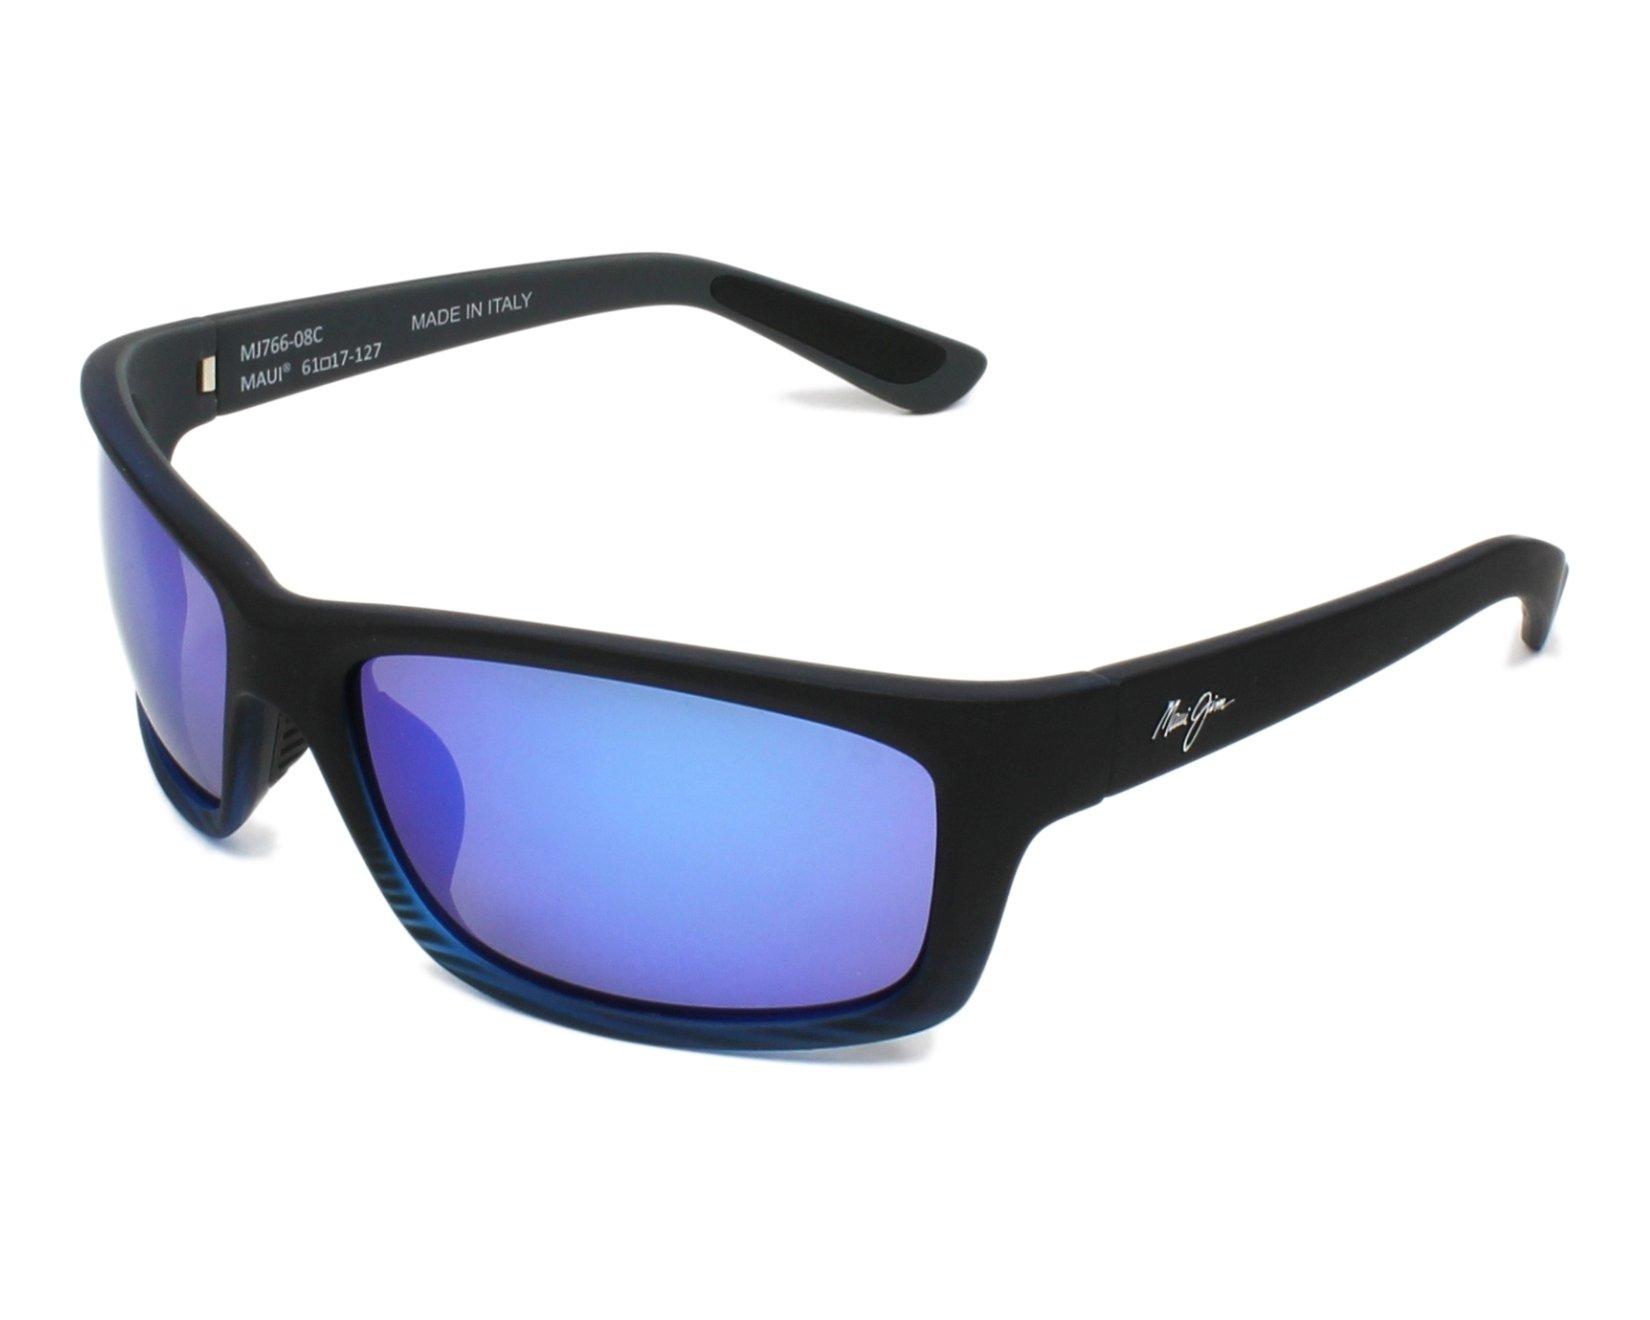 f0db6841d0 thumbnail Sunglasses Maui Jim B-766 08C 61-17 Black profile view